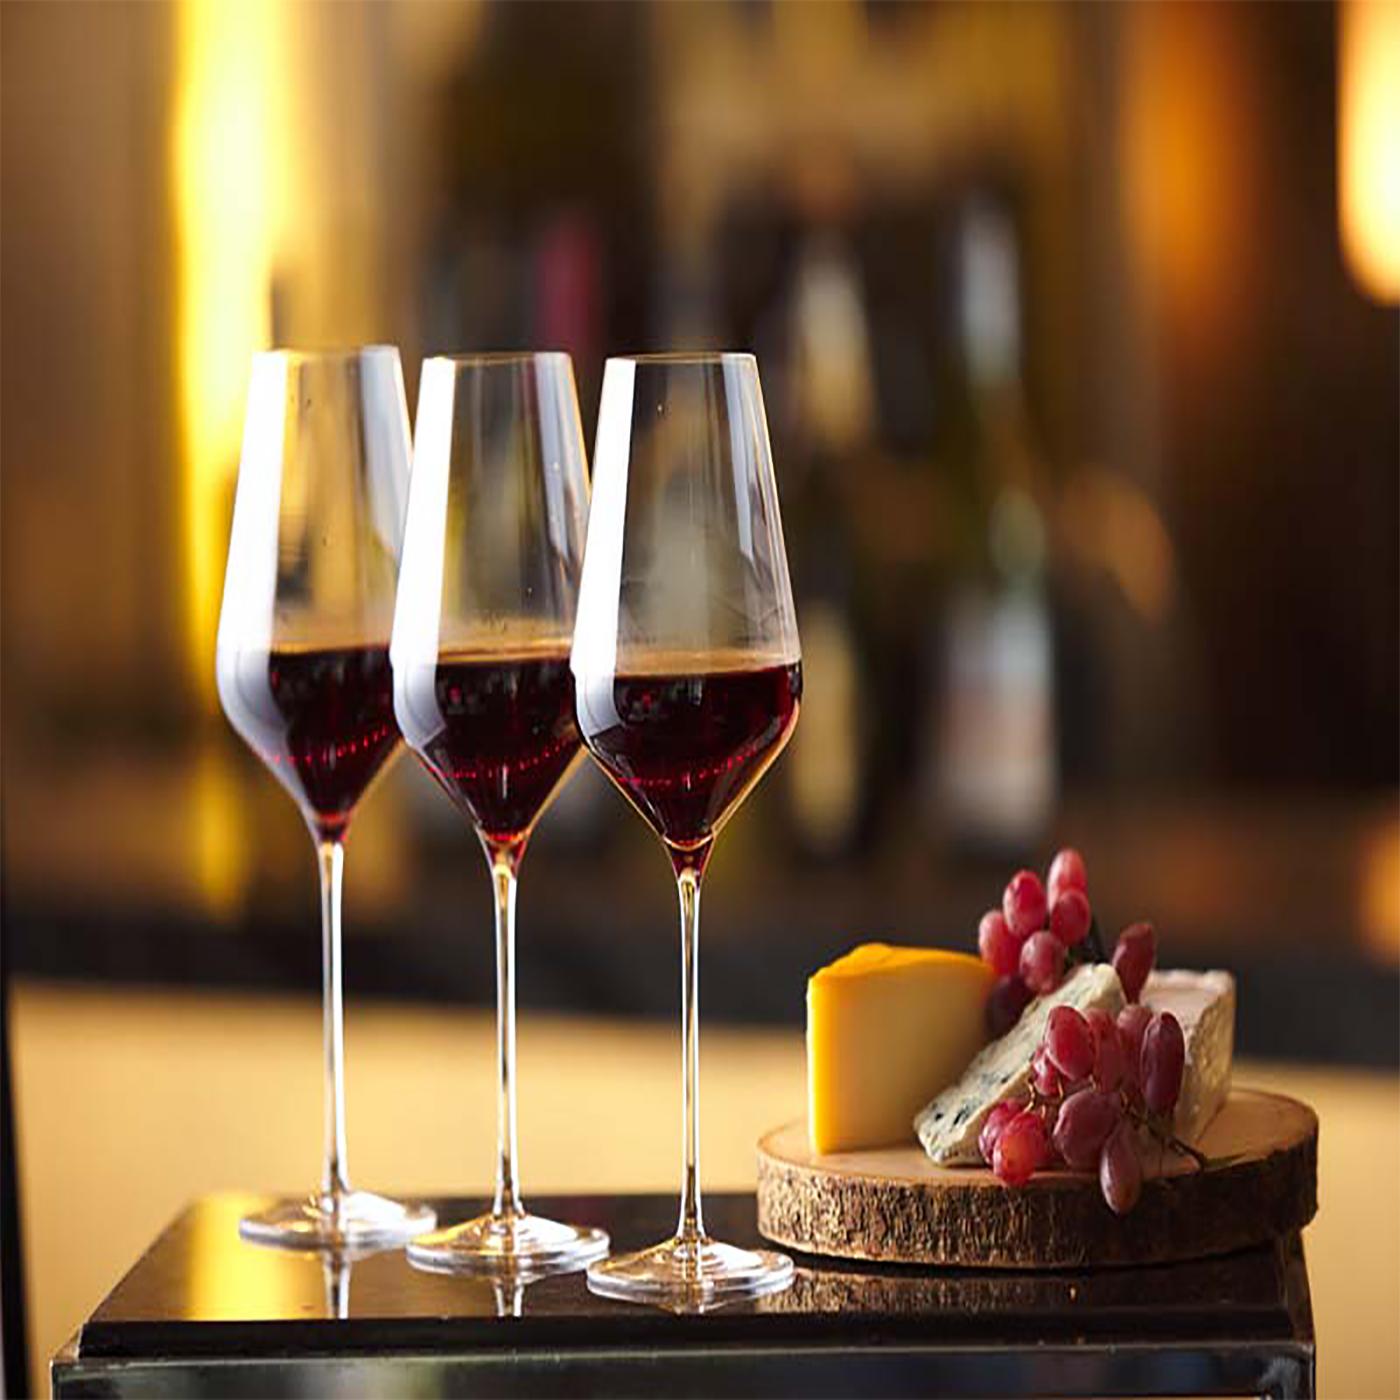 Հնում հայերը խմել են միայն գինի